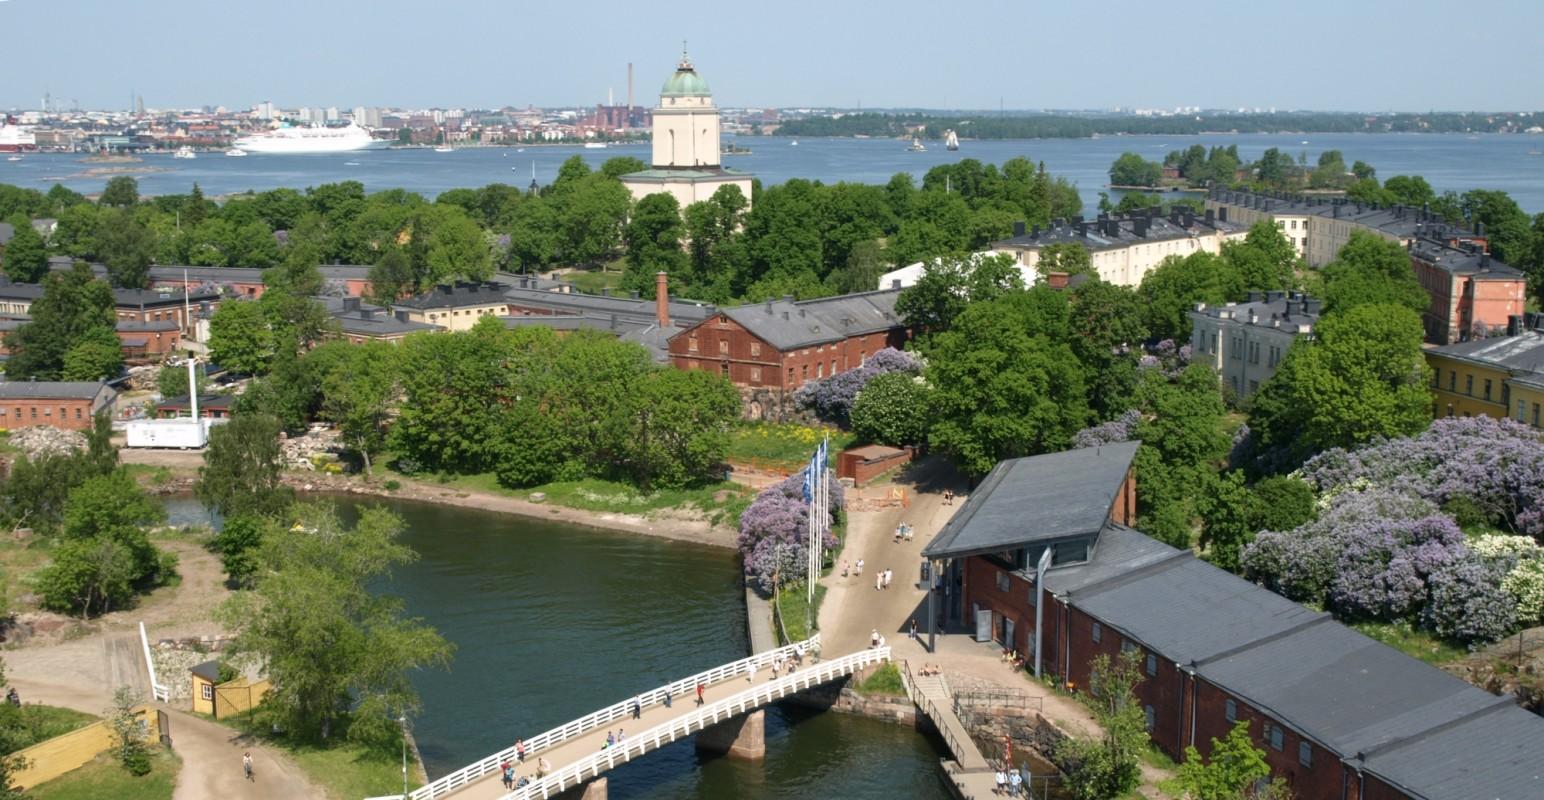 Ilmakuva Susisaarelta Isolle Mustasaarelle. Kuvassa mm. Suomenlinnakeskus, Susisaaren silta sekä Suomenlinnan kirkko.